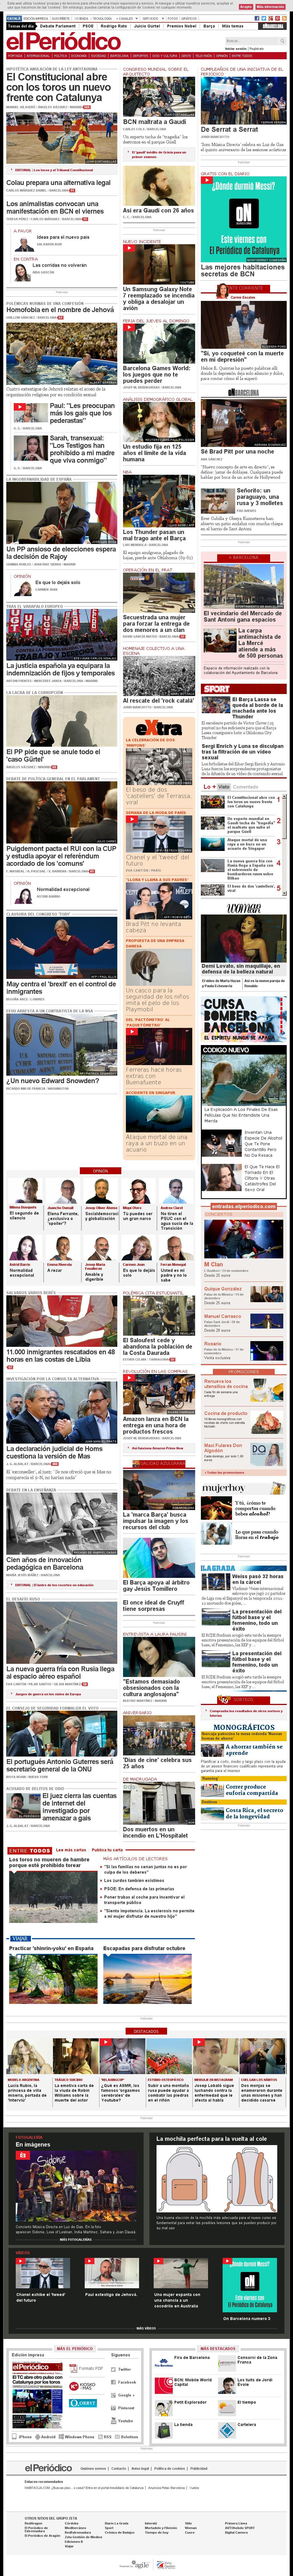 El Periodico at Thursday Oct. 6, 2016, 4:14 a.m. UTC